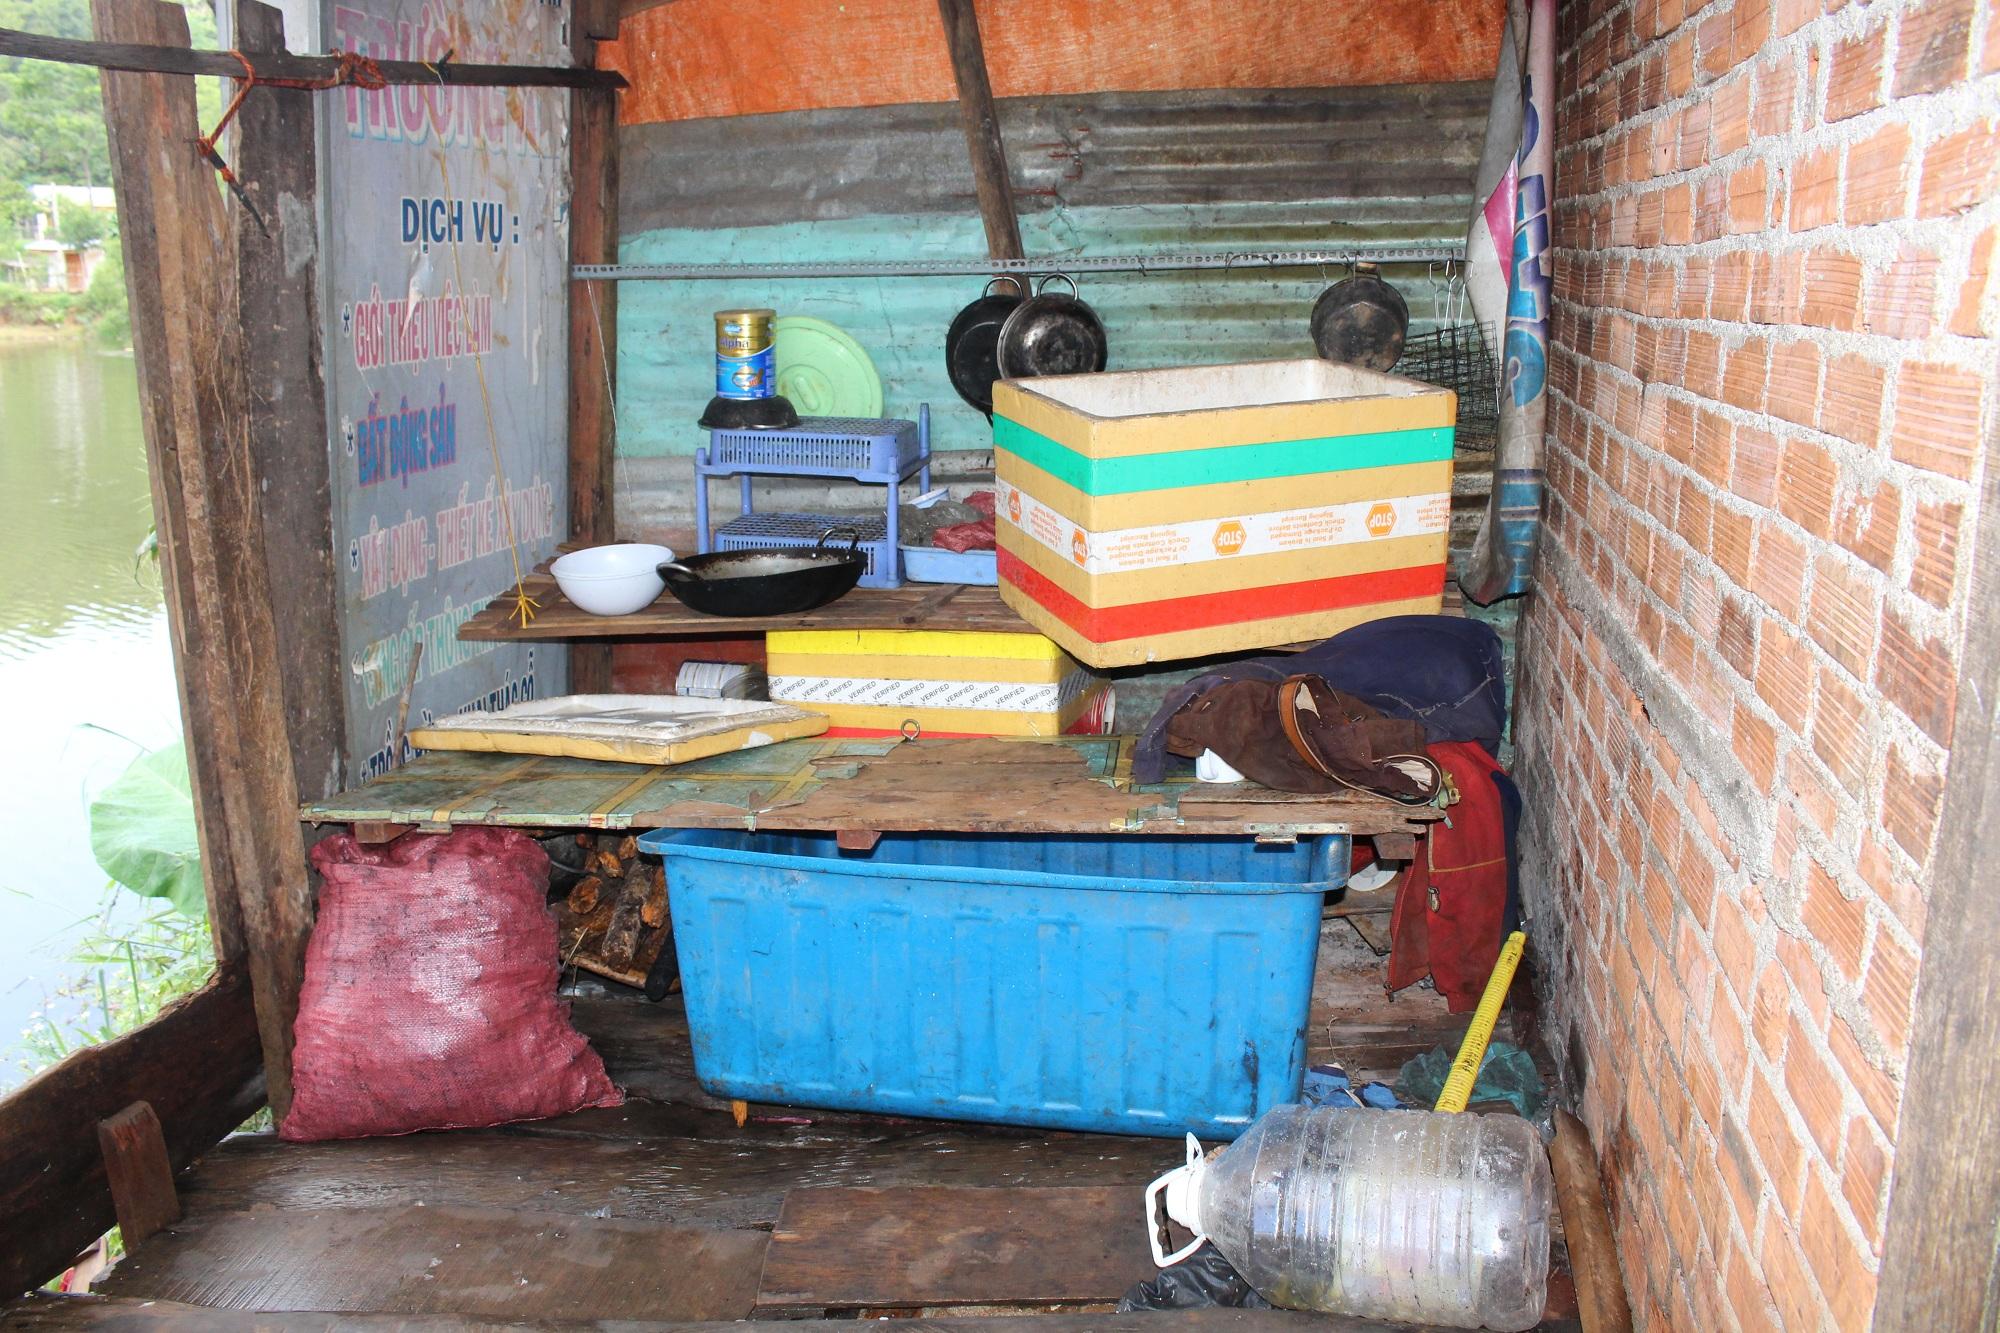 Trung tâm từ thiện Bạch Tuyết bị đề nghị dừng hoạt động - Ảnh 2